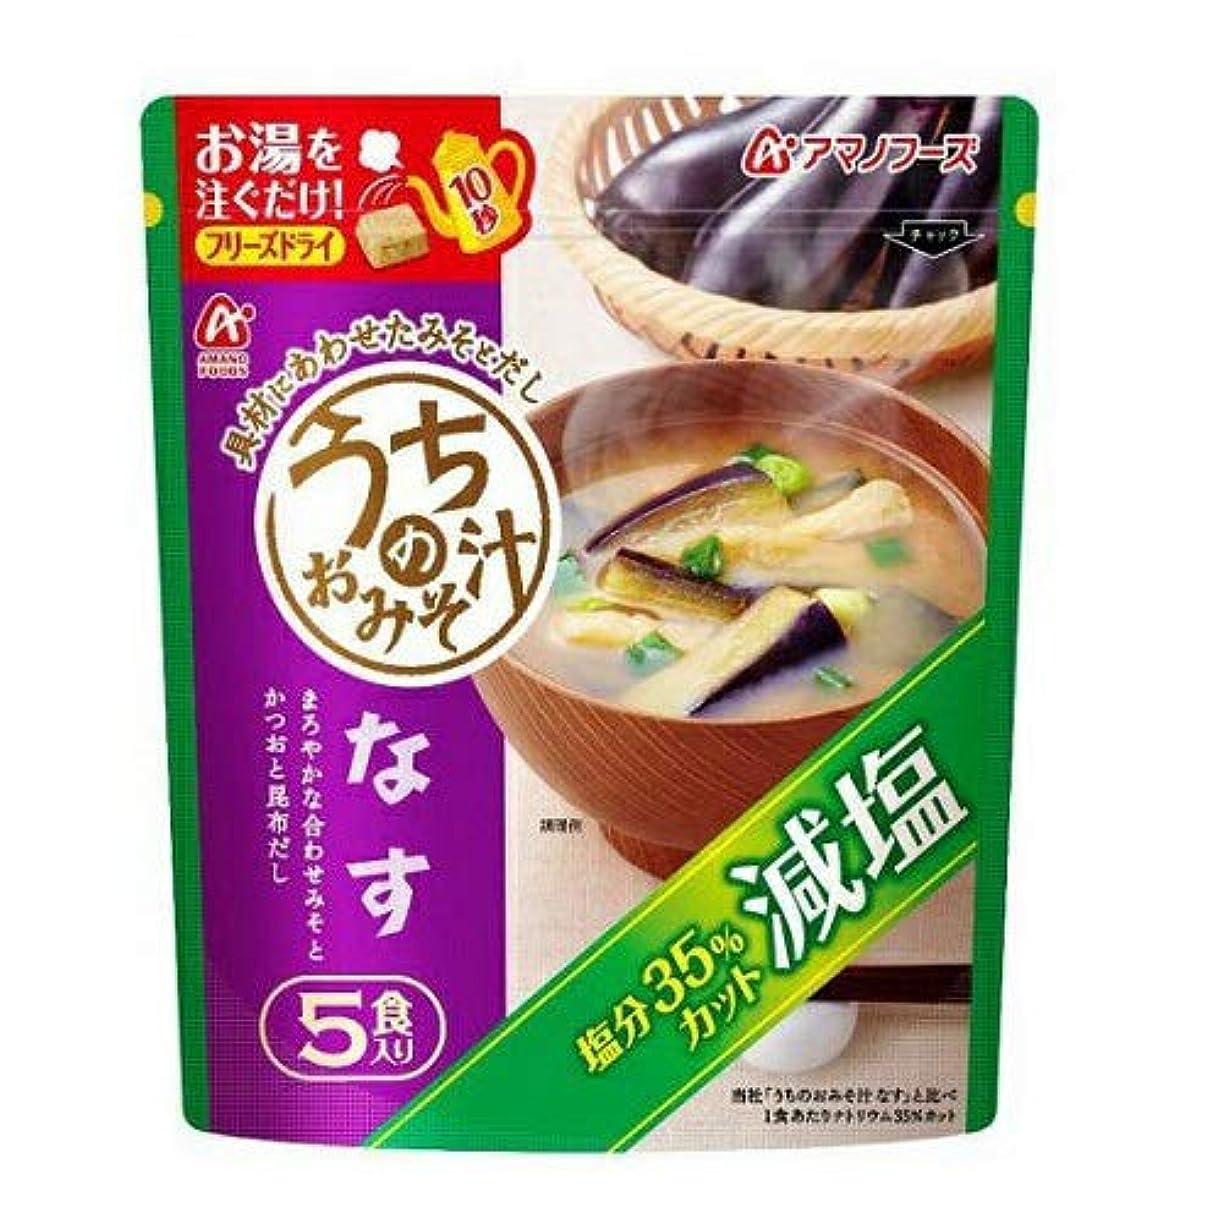 ホラーゴルフママアサヒグループ食品 アマノフーズ インスタント 減塩うちのおみそ汁 なす 5食入